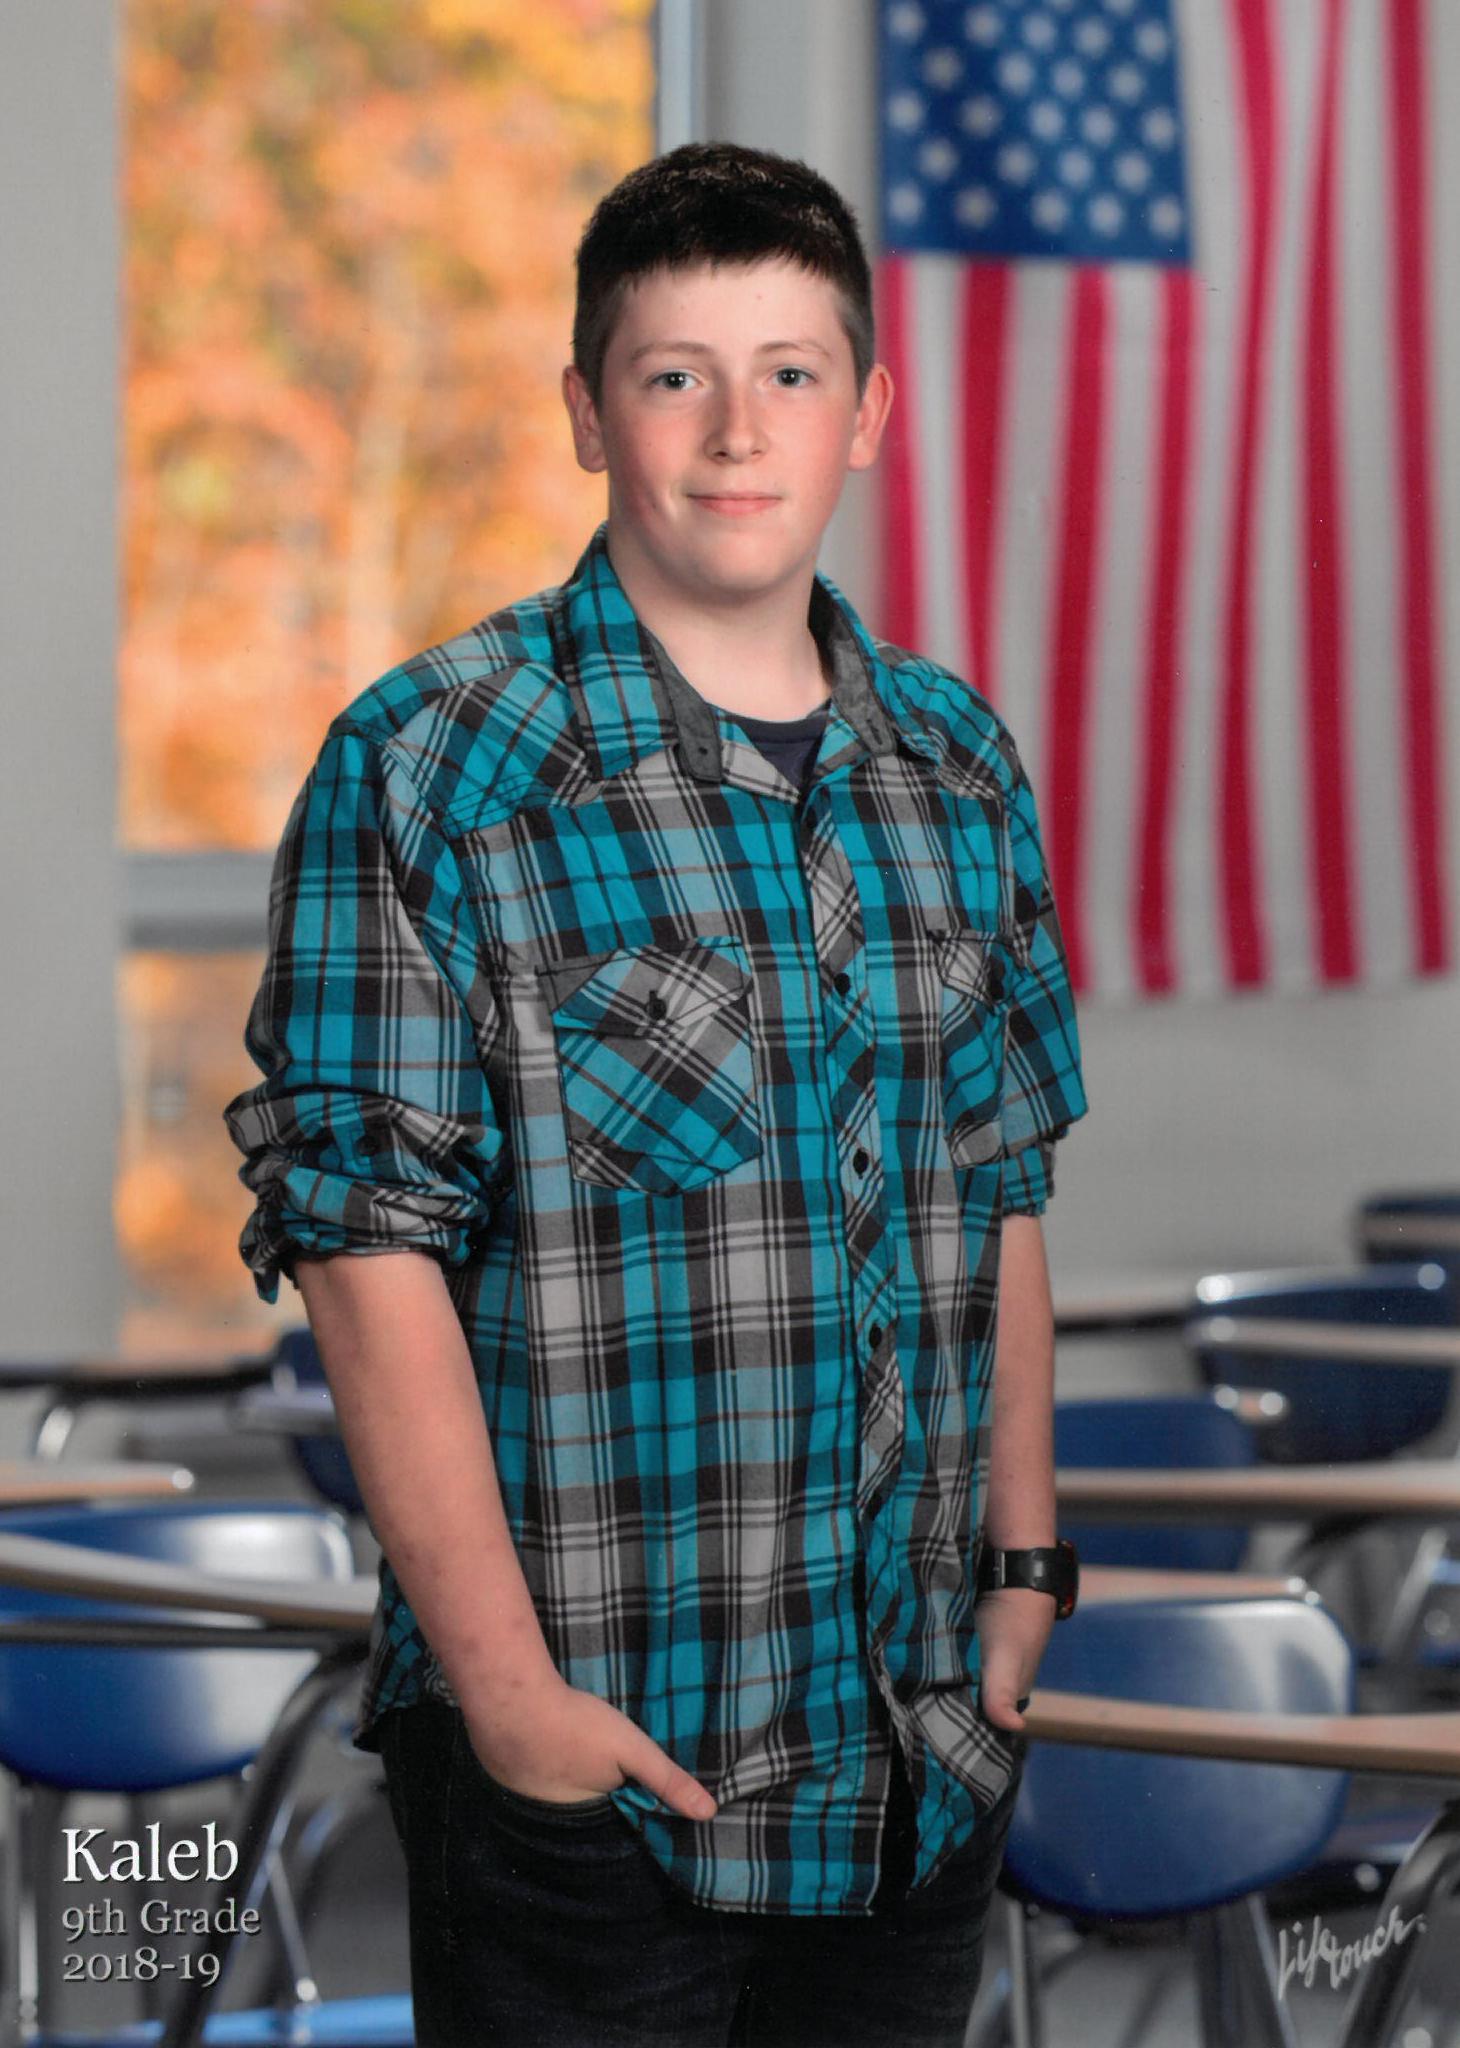 Kaleb Matthew Staman, 15